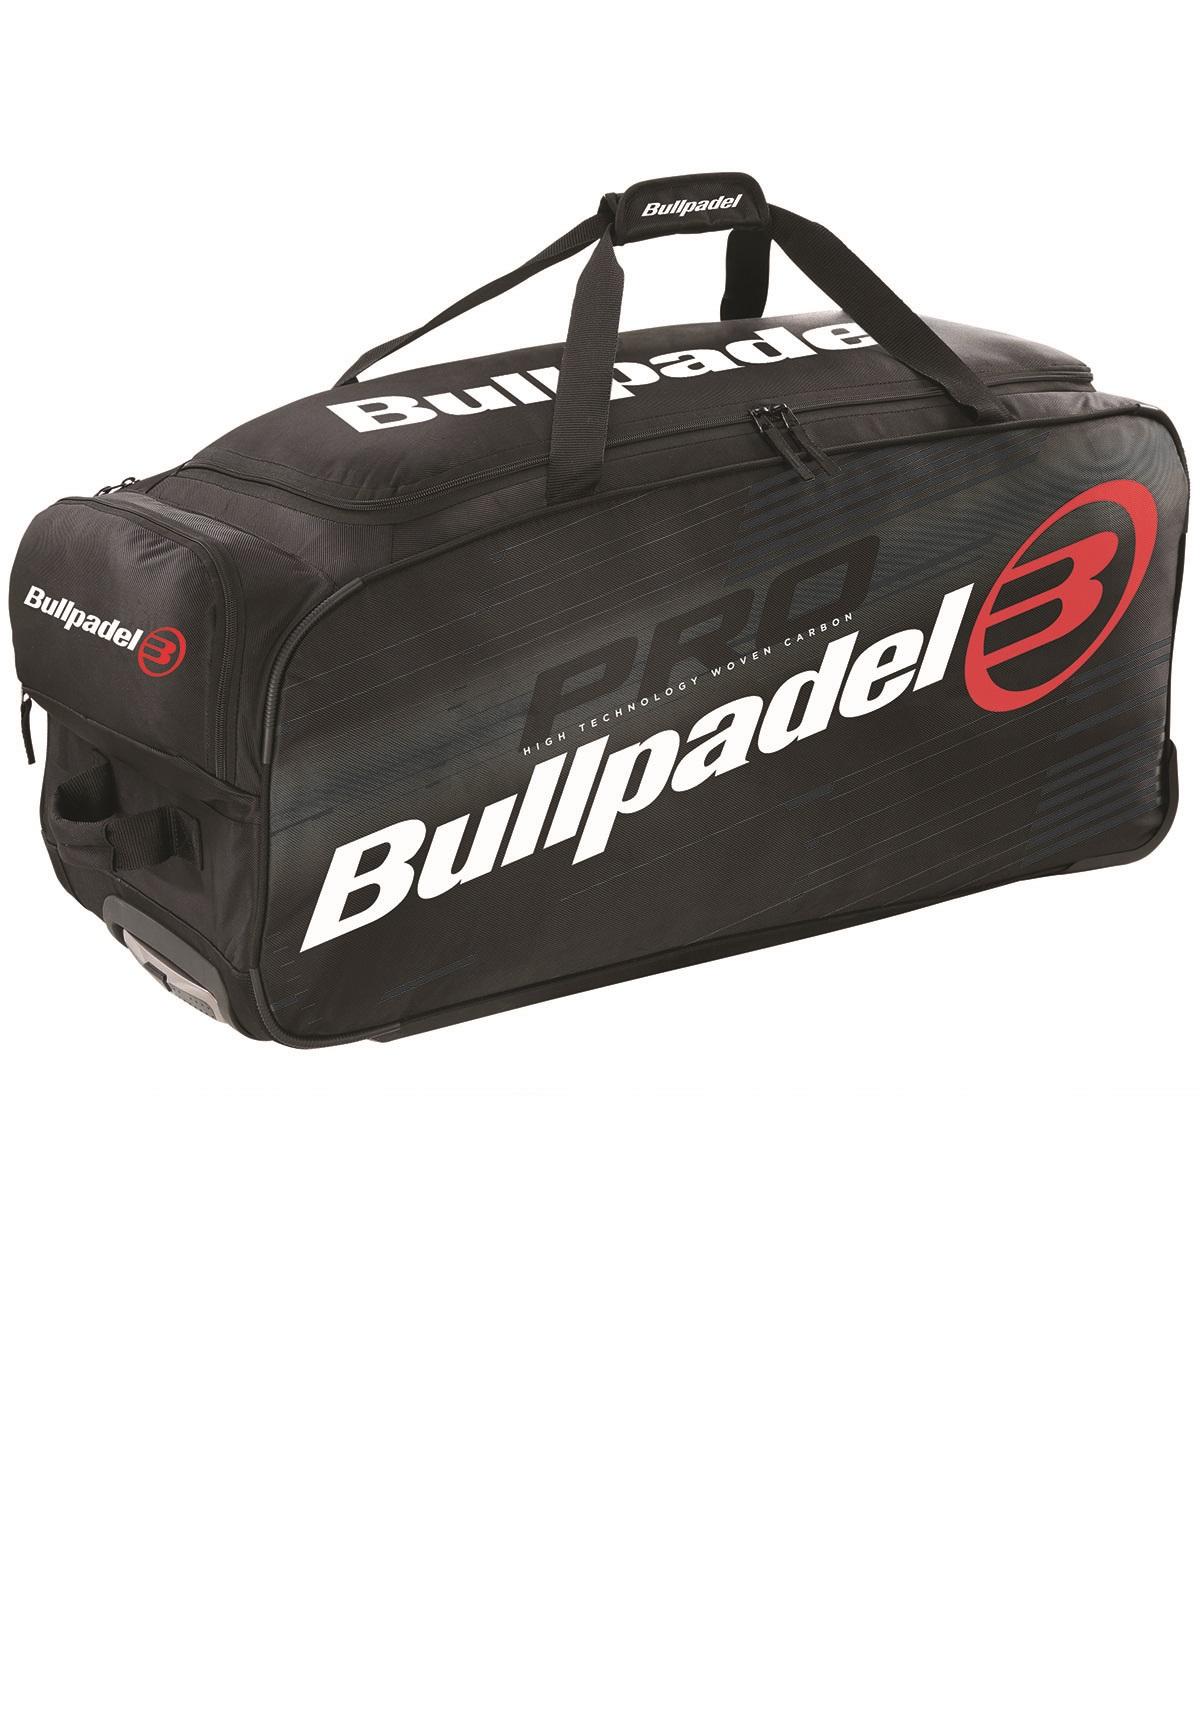 Bullpadel Trolley